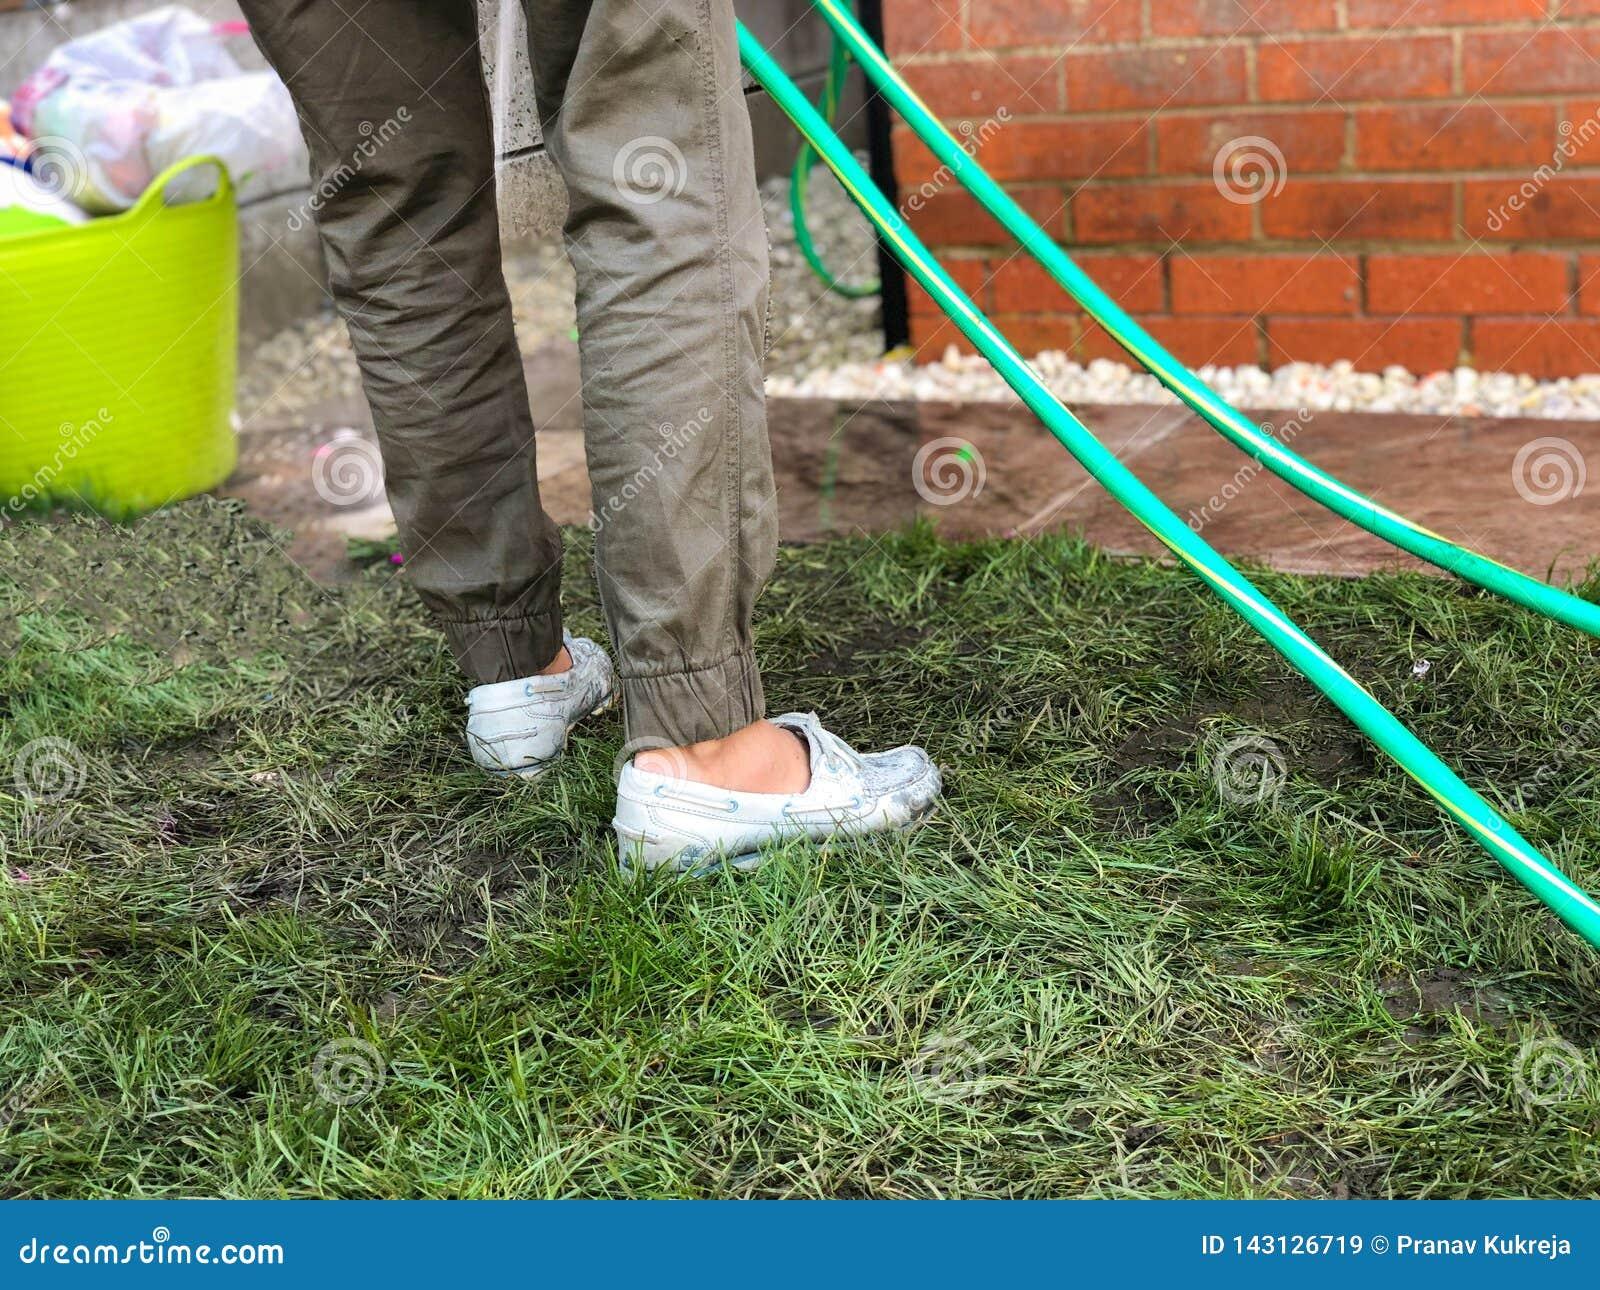 Vrouw die de tuinslang gebruiken om plakken in haar achtertuintje schoon te maken